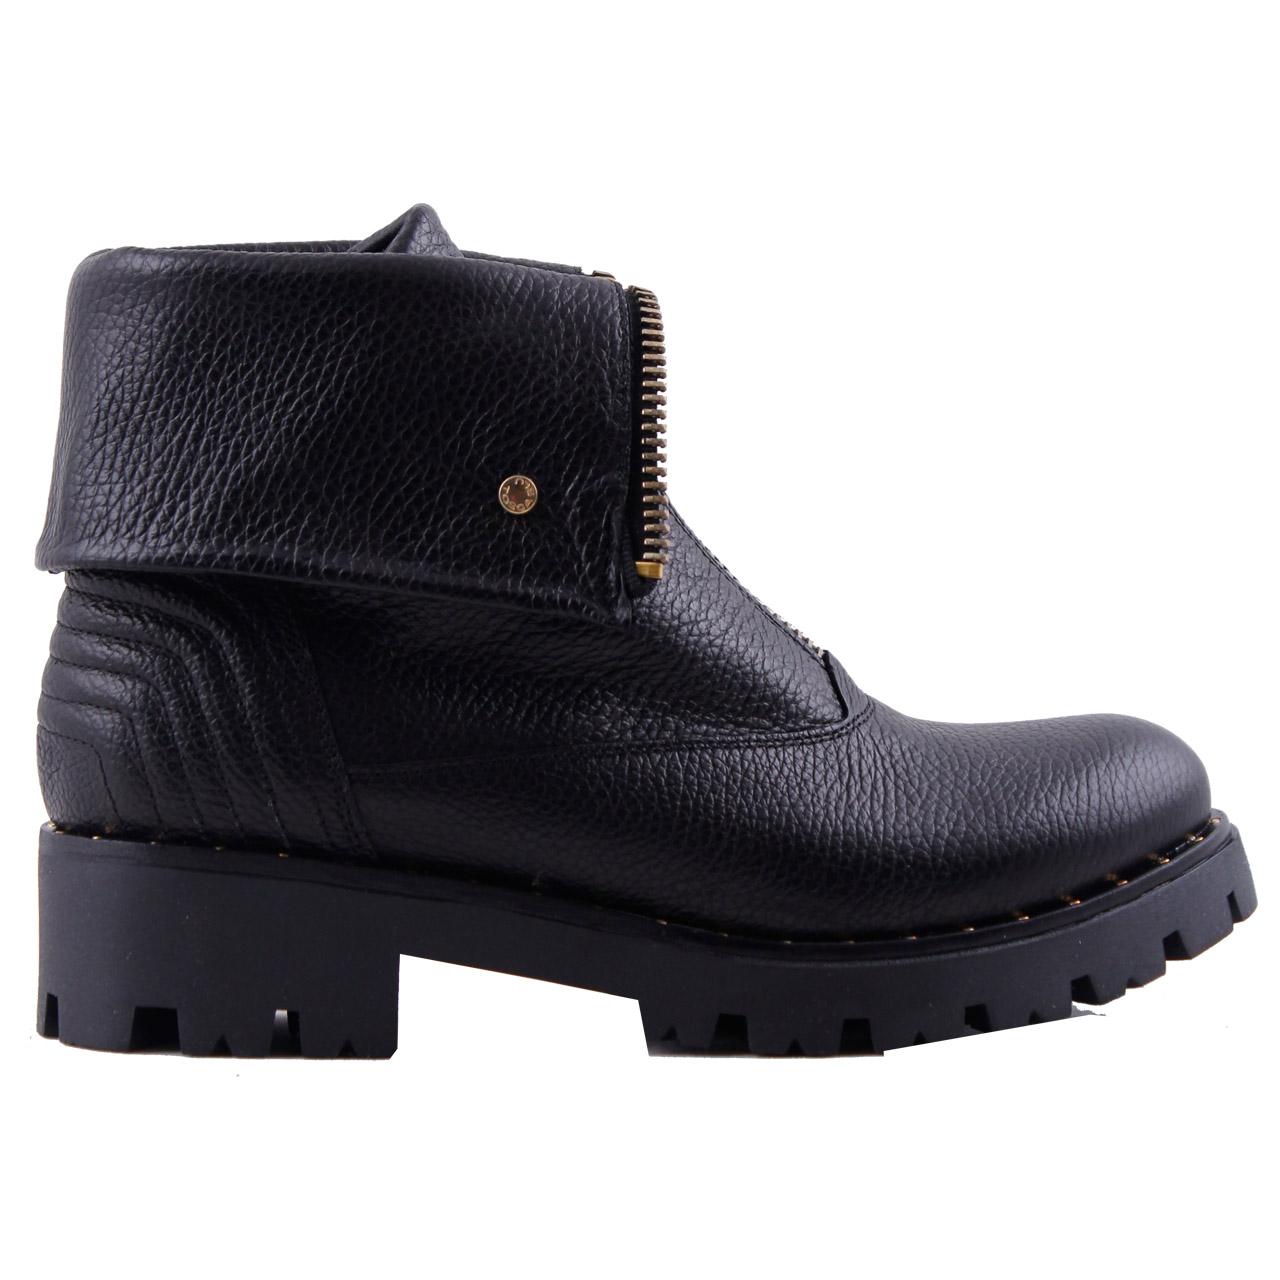 Chaussures Zwarte Tosca Blu Bottes De Motard Sf1713s244 cyqIjC